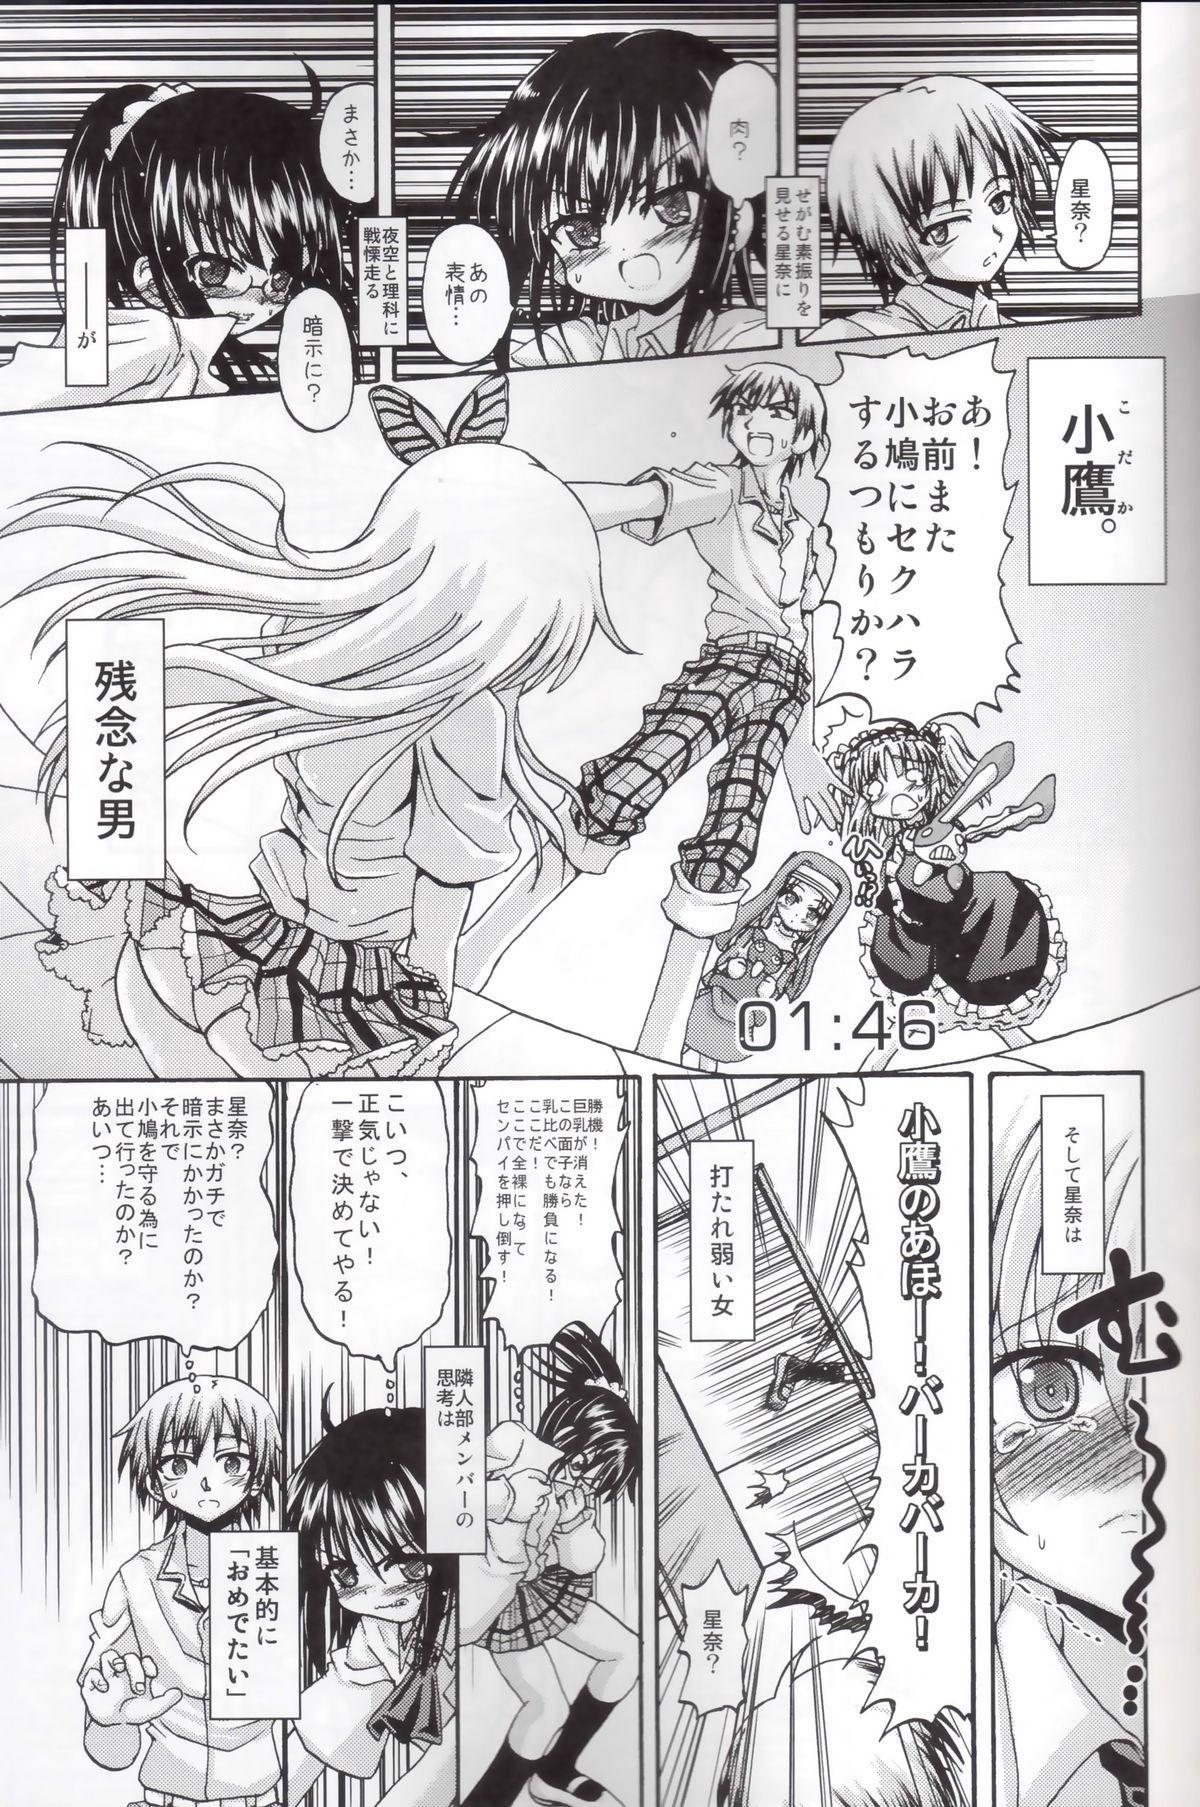 Boku ni Sono Niku wo Kegase to Iunoka 5